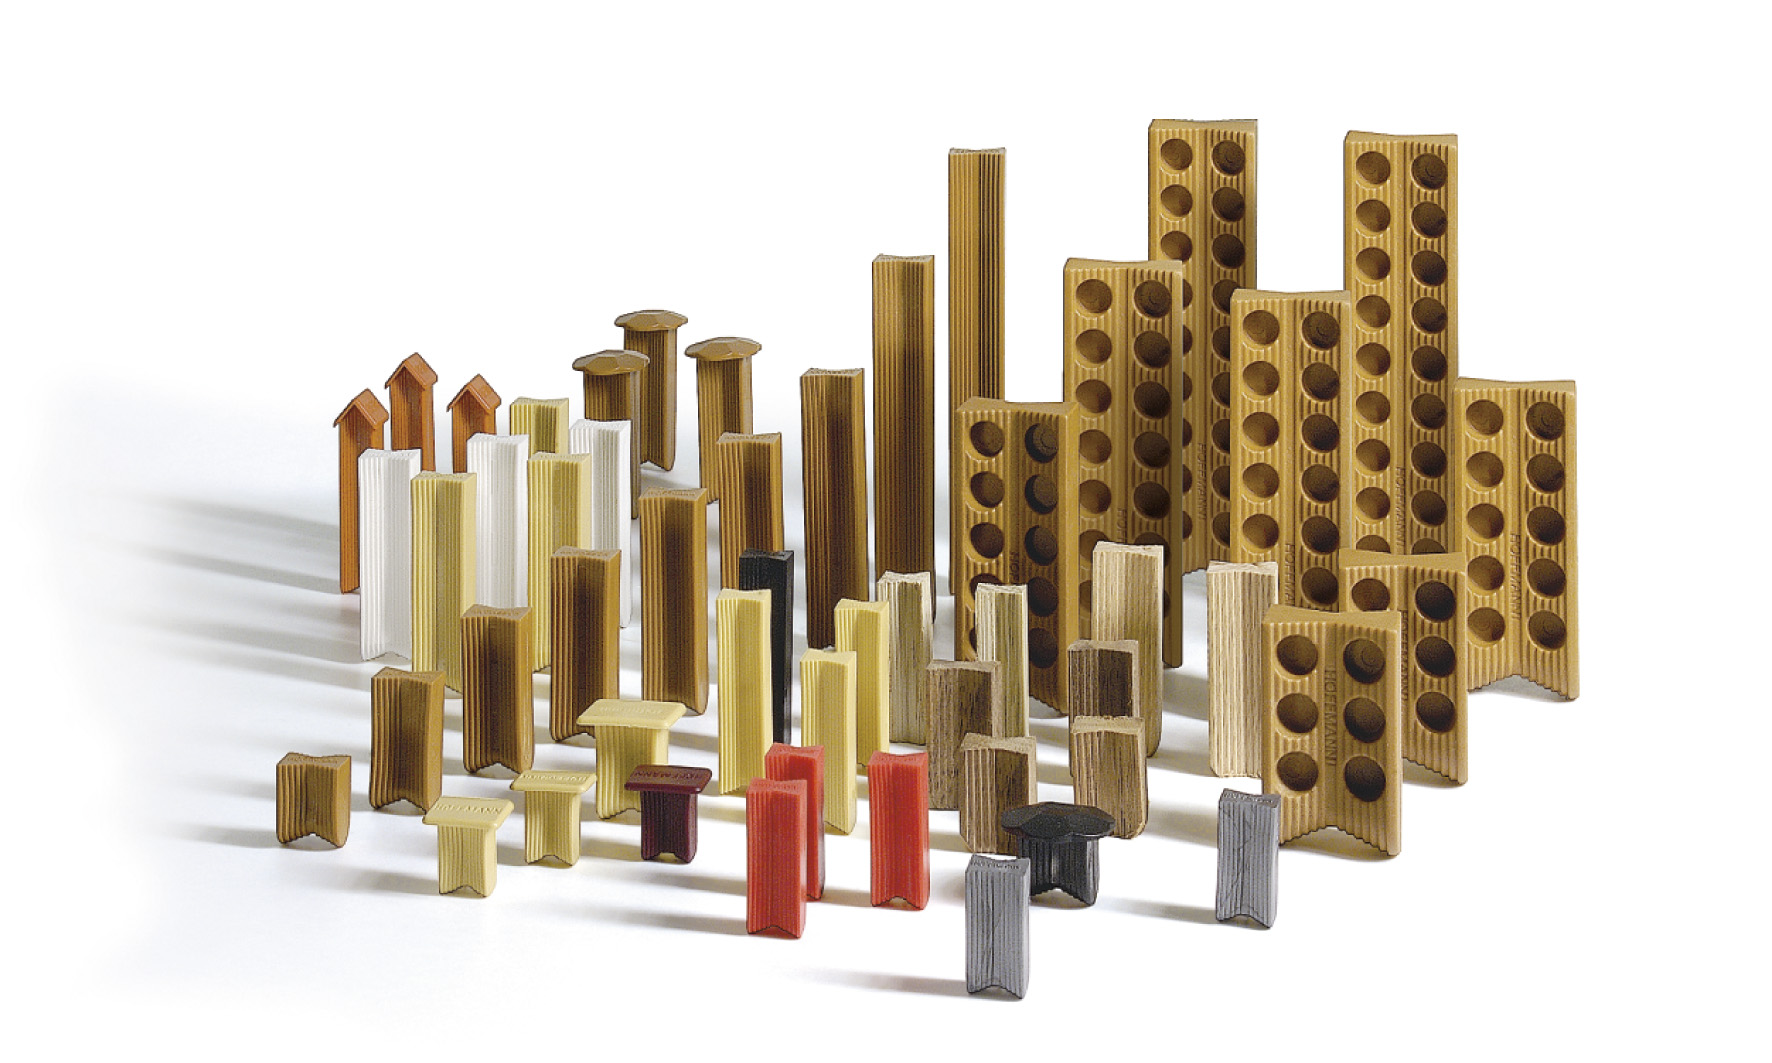 Hoffmann wiggen doos a 1000 stuks W2 22,0 mm